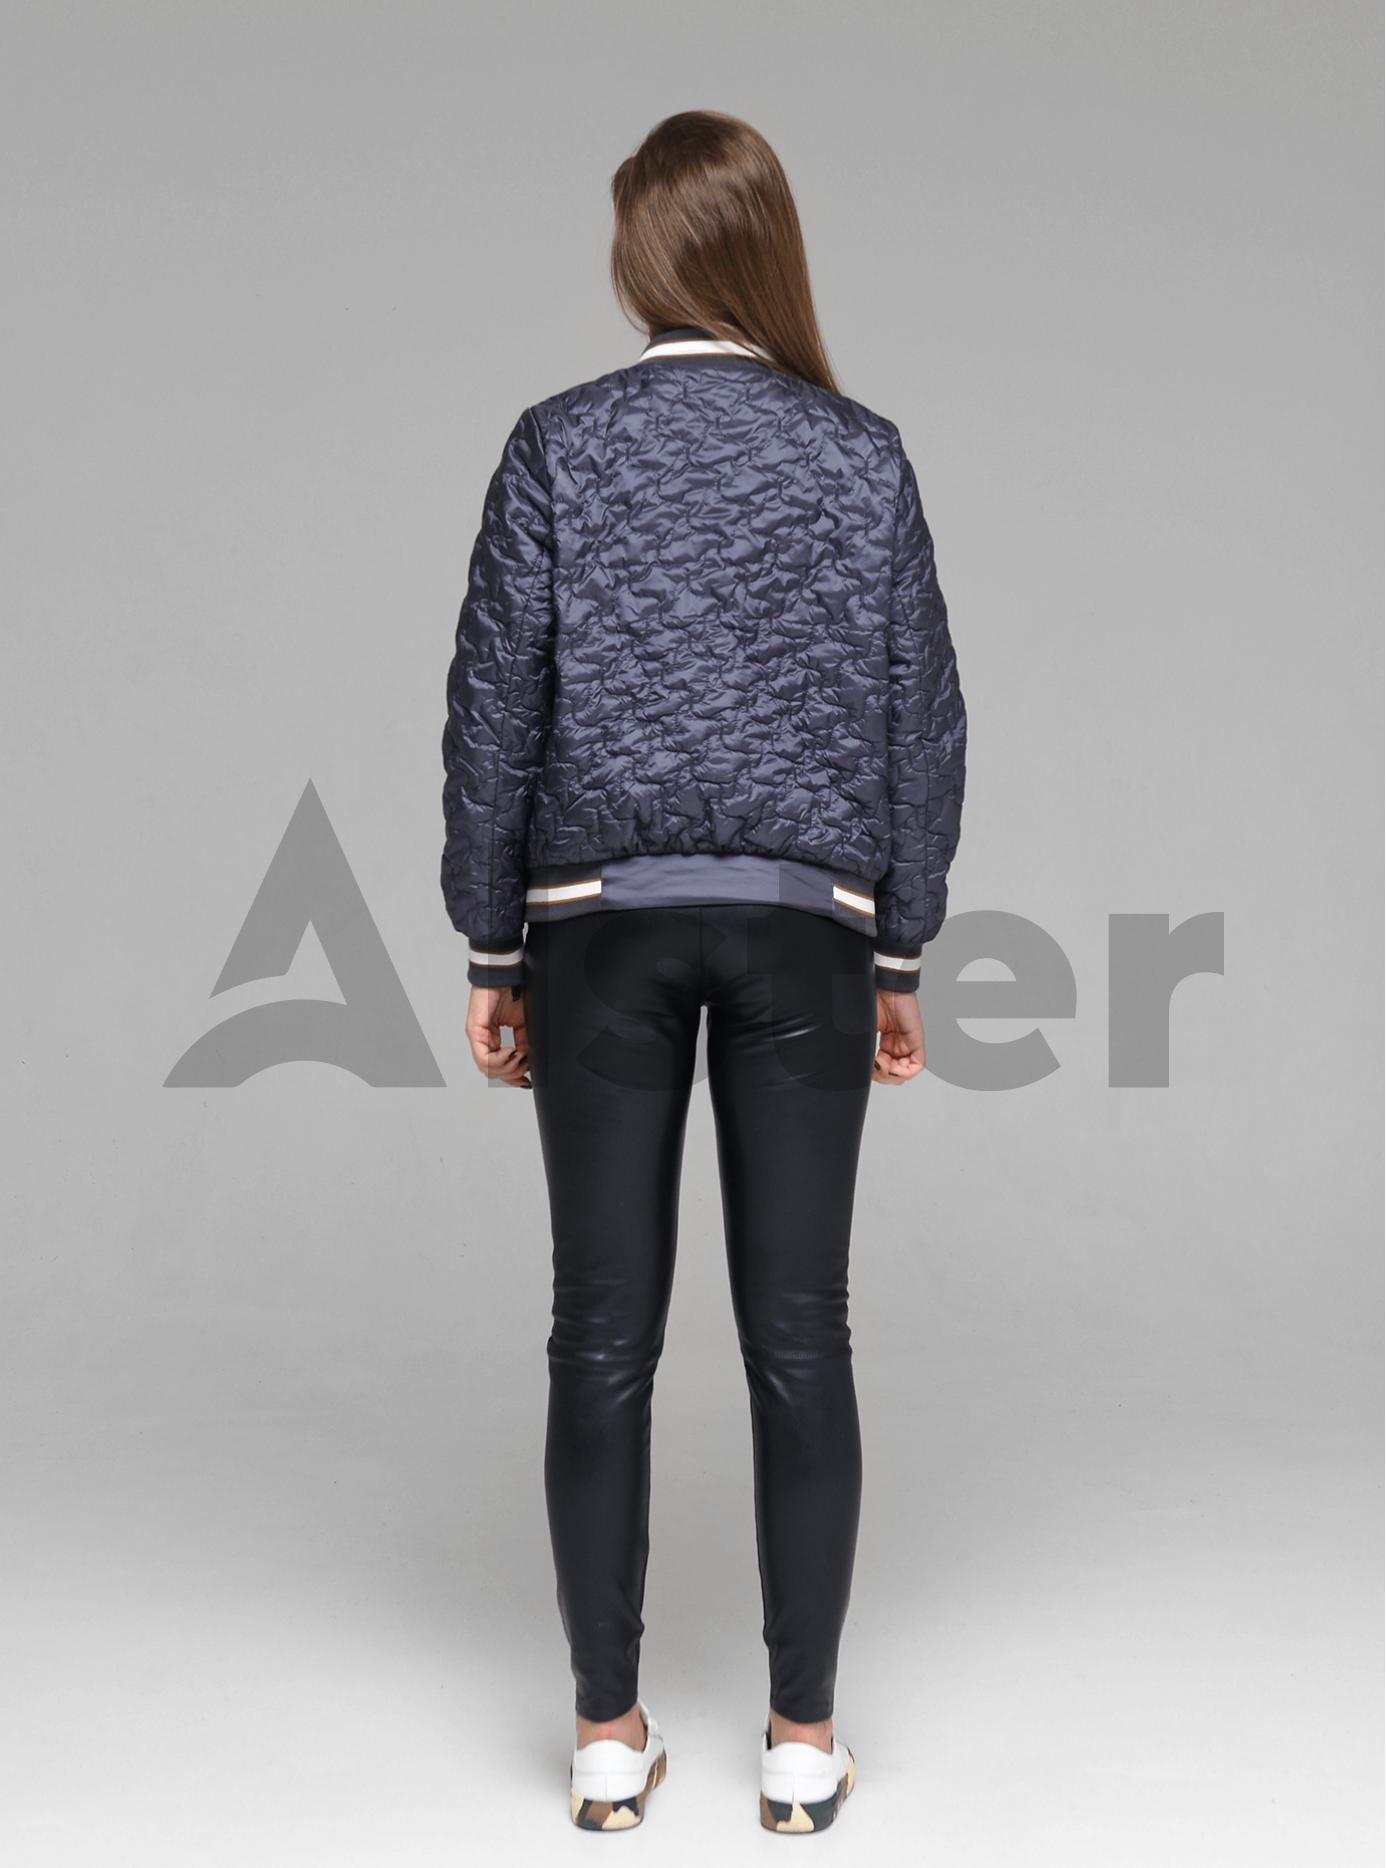 Куртка демисезонная женская Графитовый M (02-D190115): фото - Alster.ua